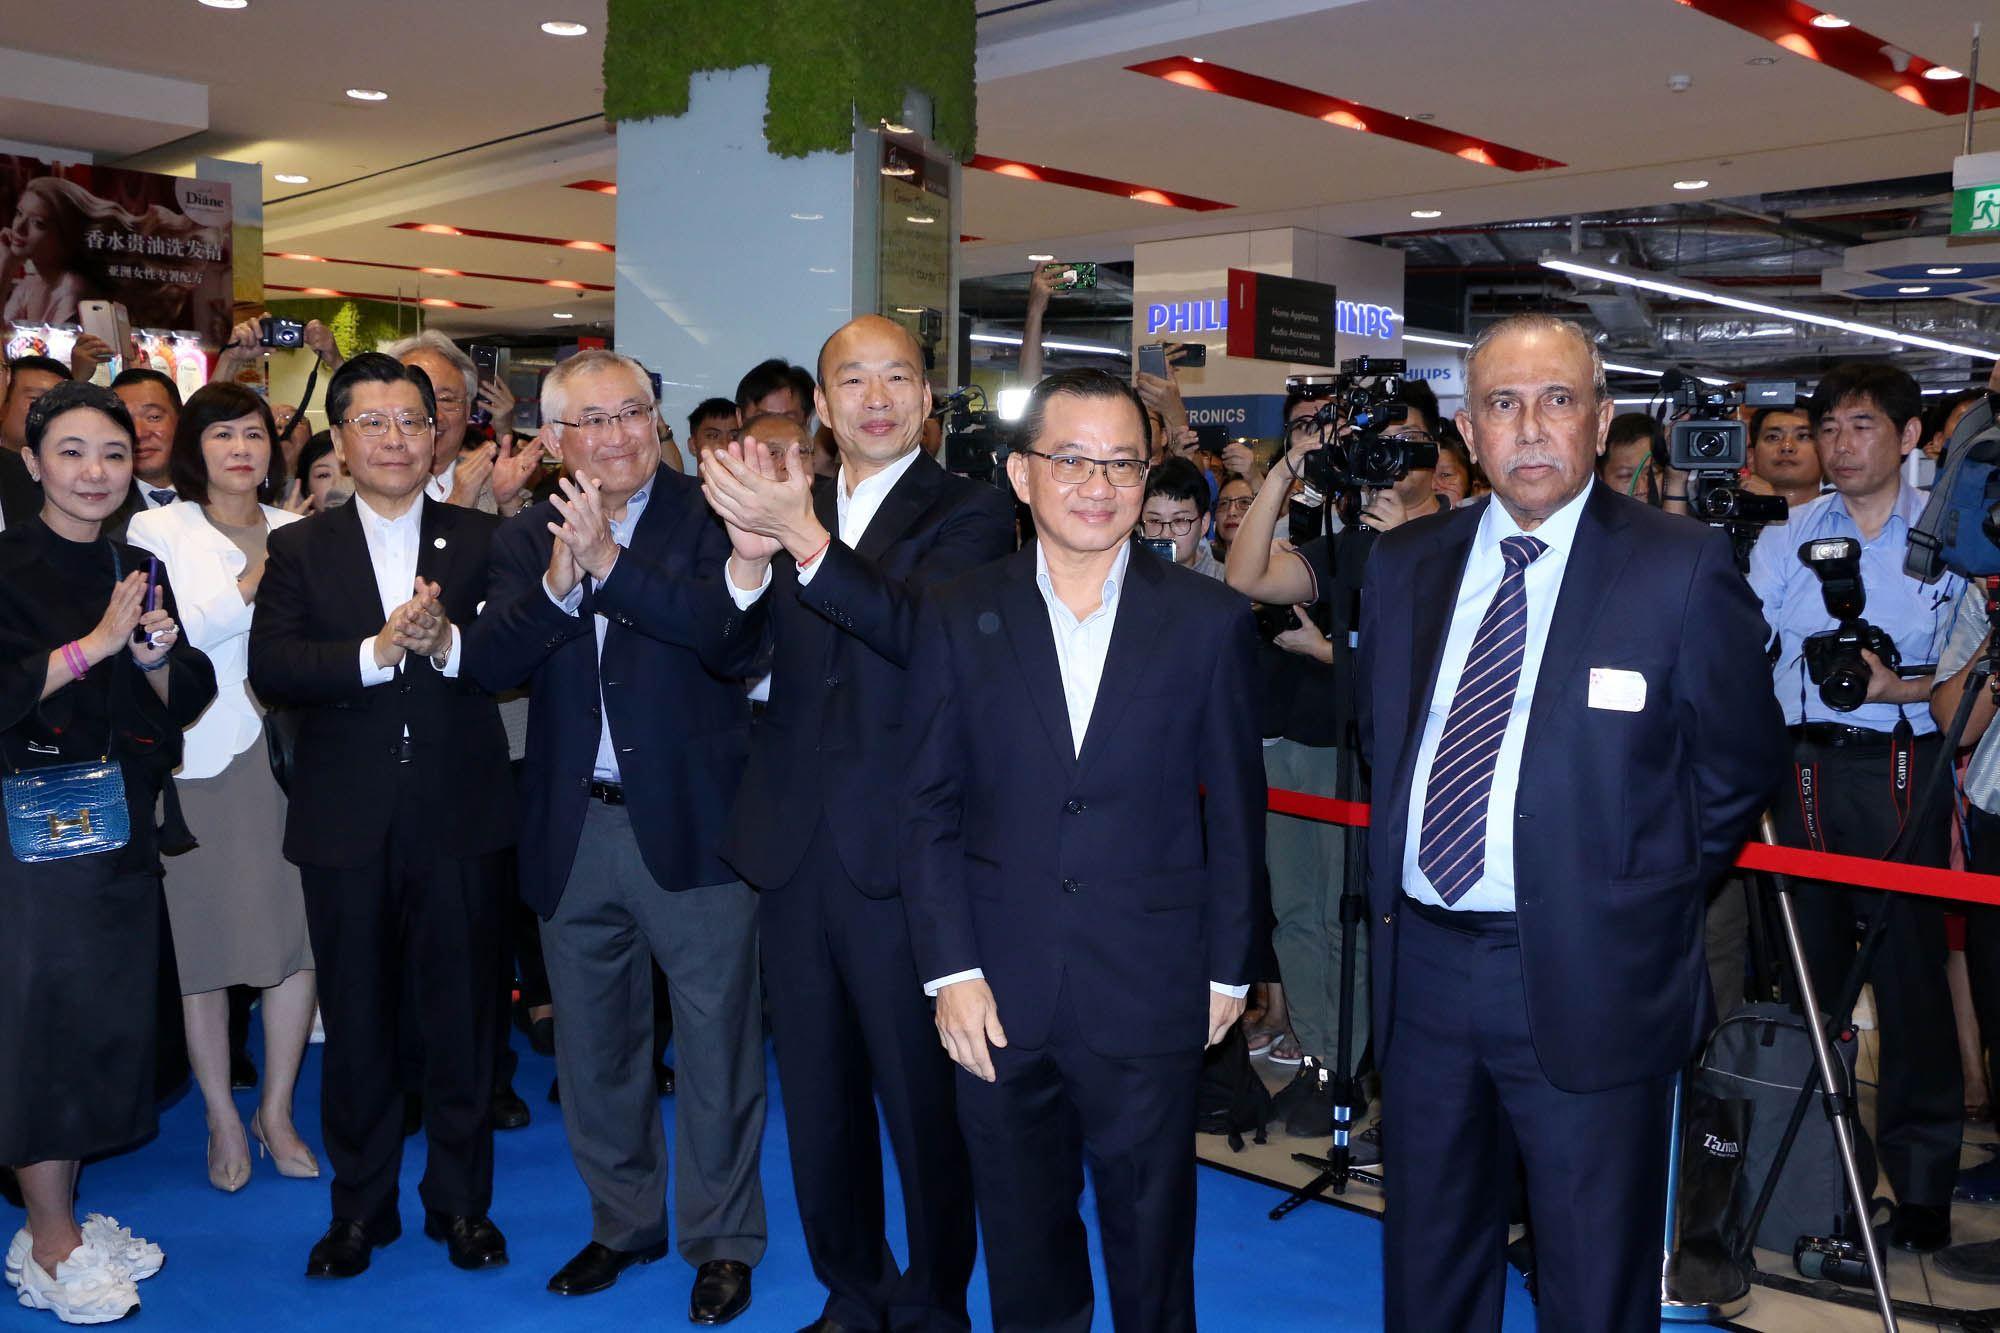 20190226韓國瑜赴星拓銷農產 與FairPrice簽訂長期合約-通稿一.JPG.jpg